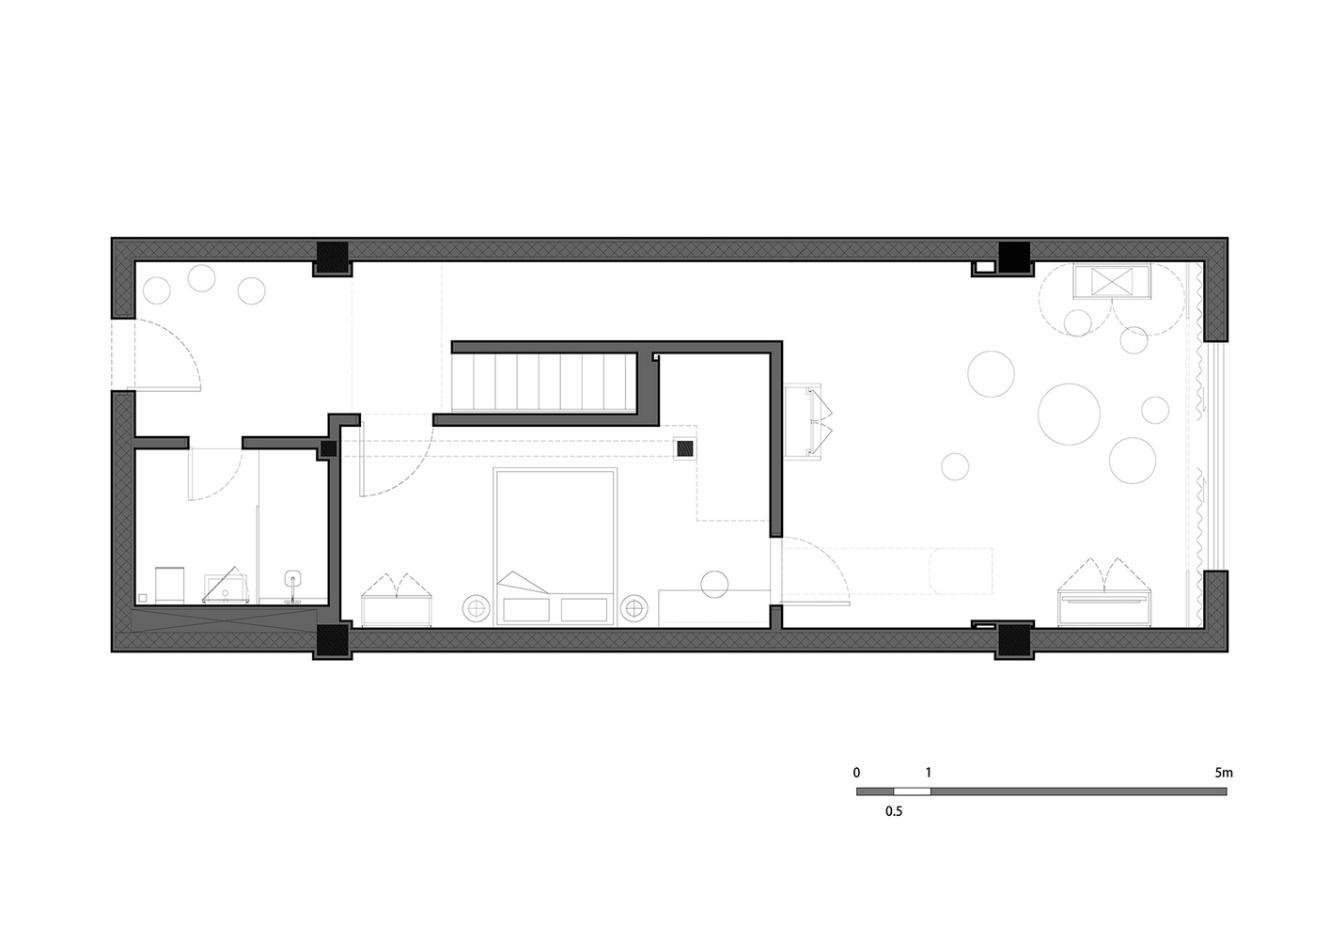 Bản vẽ mô tả mặt cắt căn nhà.